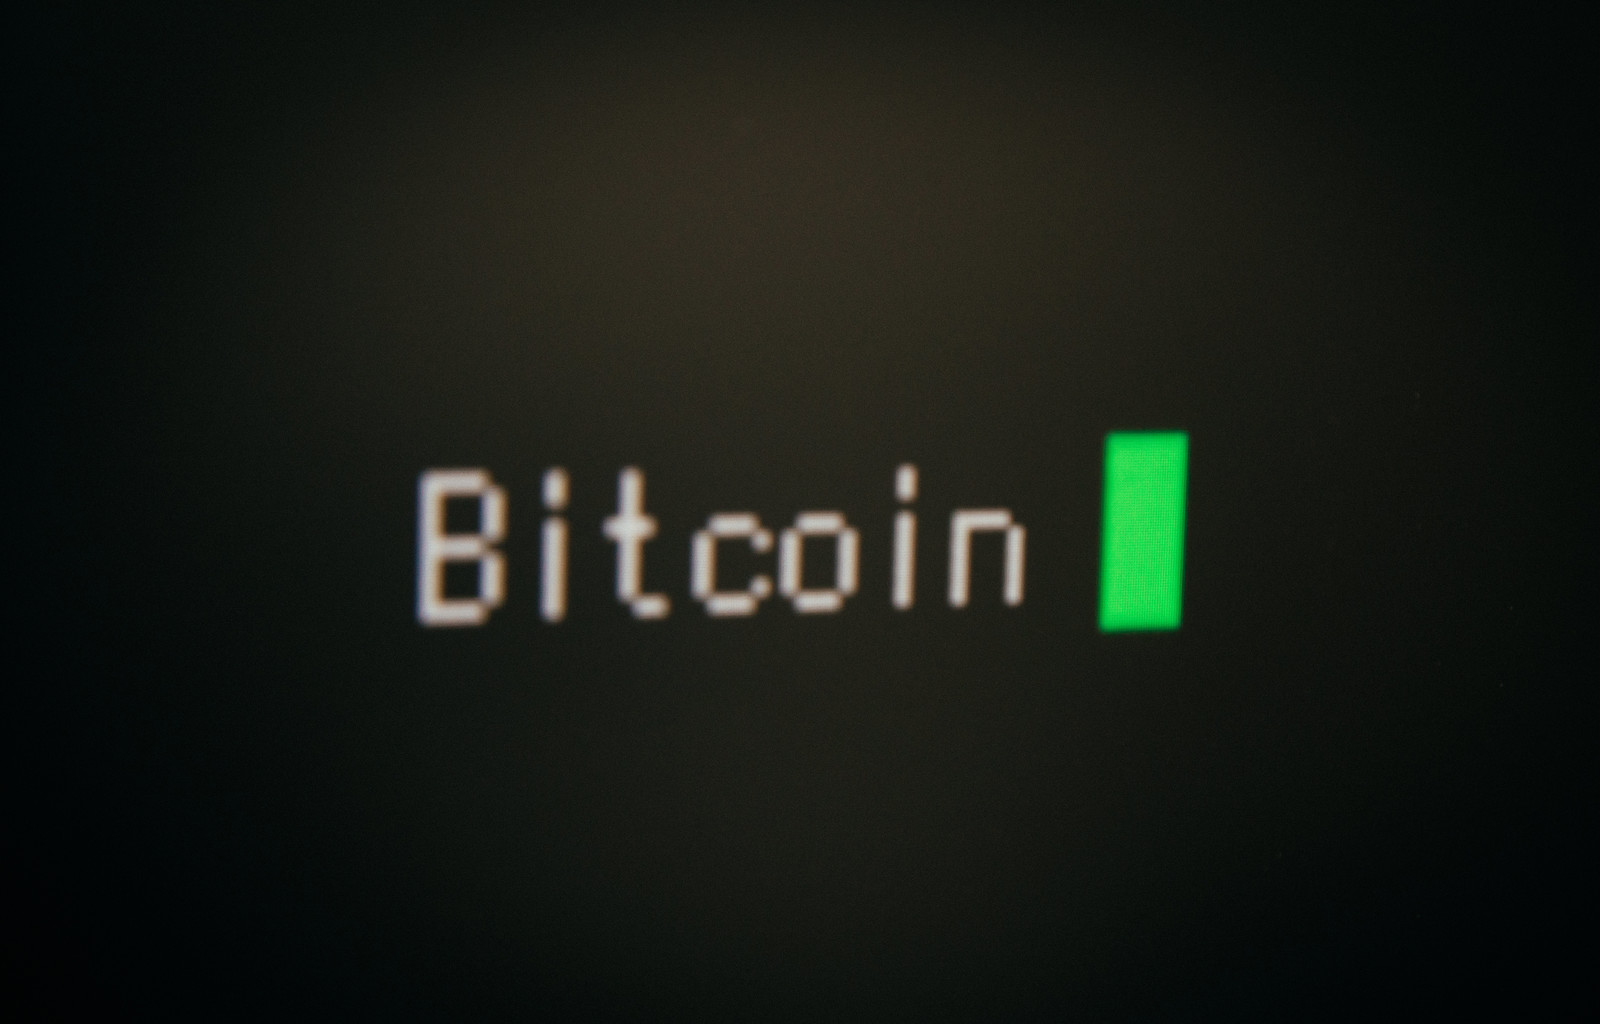 「モニターに表示された「Bitcoin」」の写真